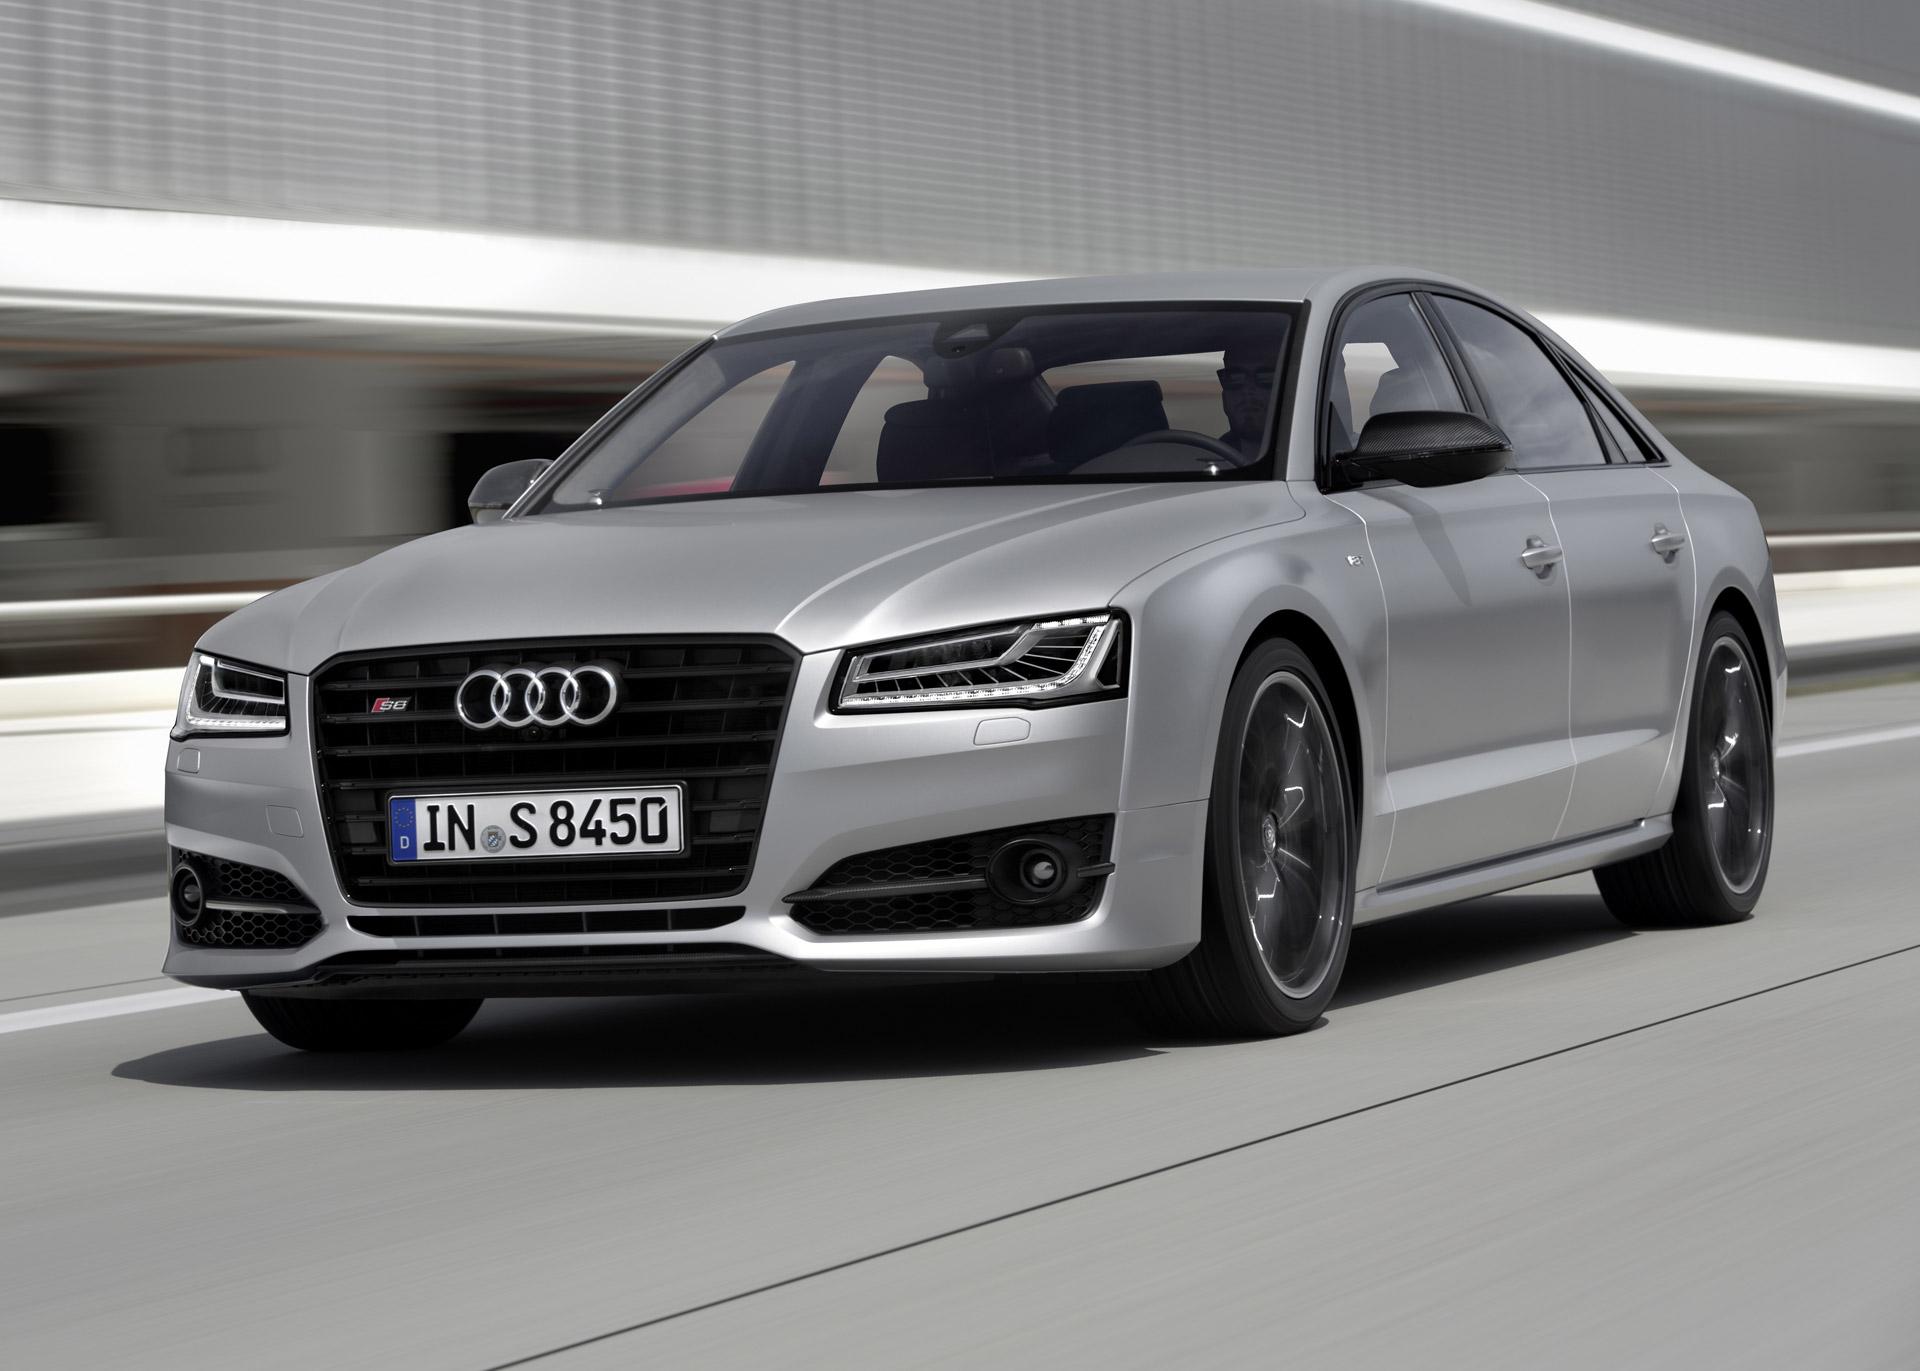 Kelebihan Audi A8 2016 Top Model Tahun Ini